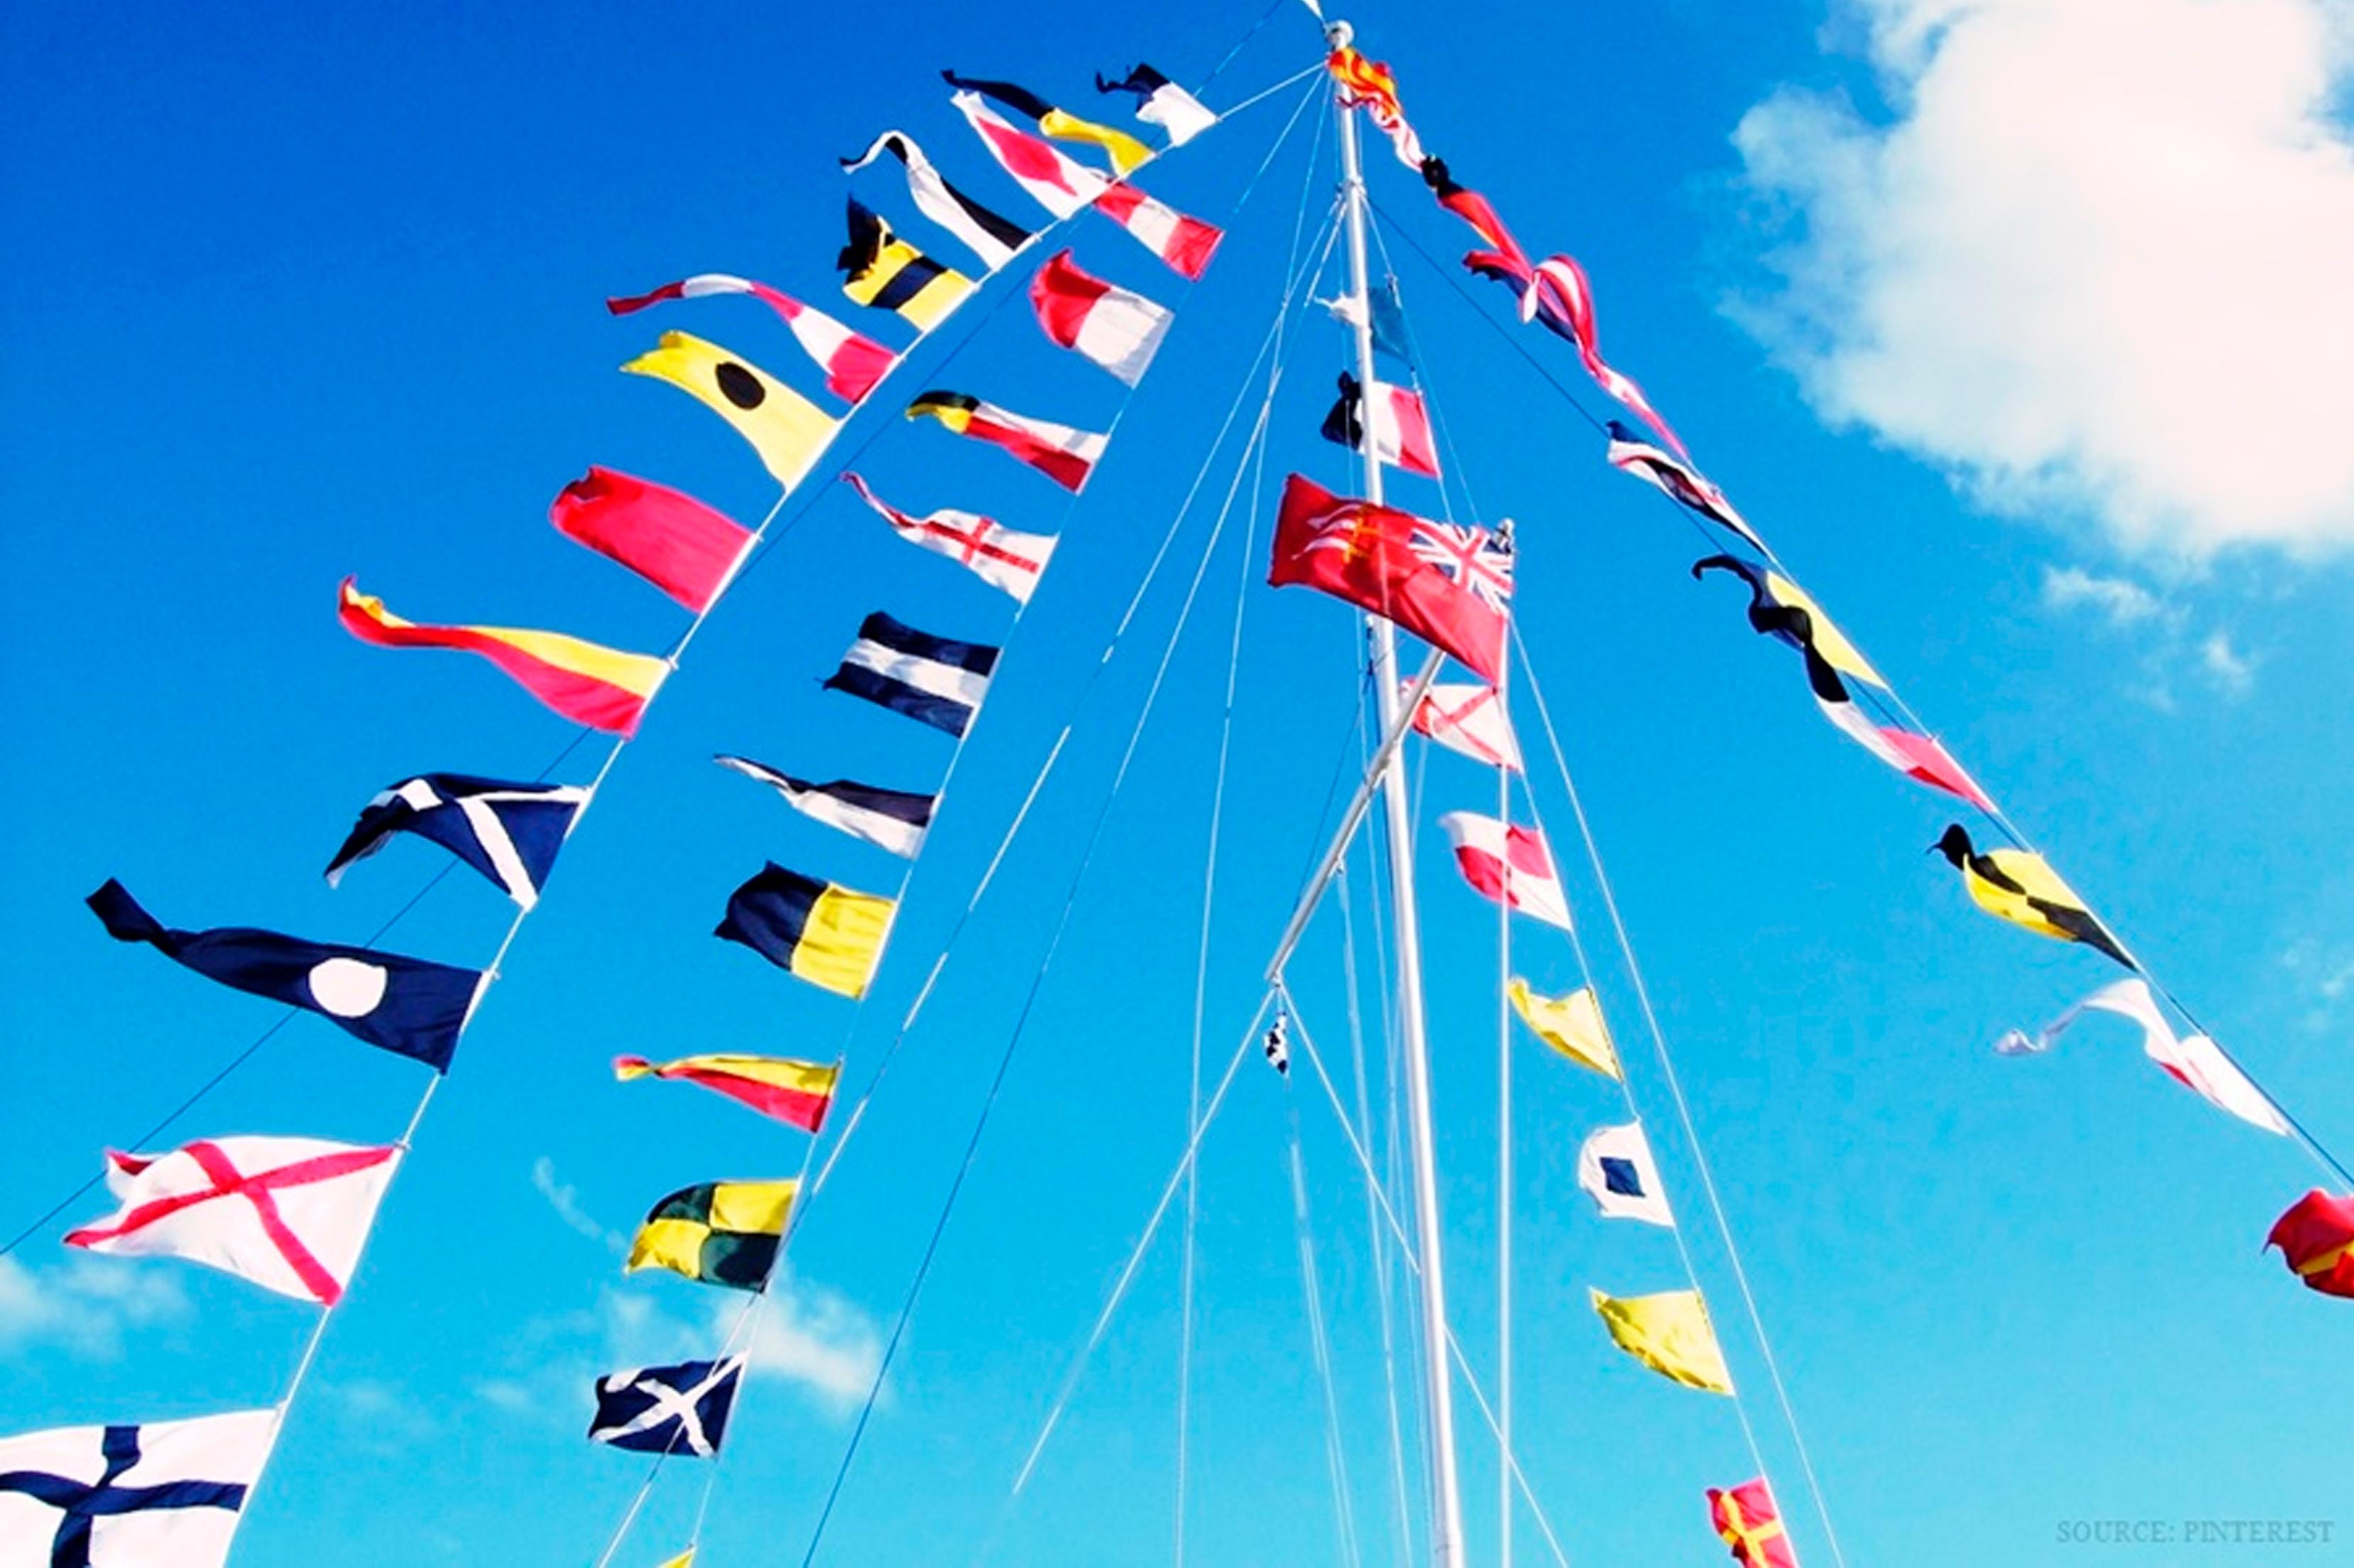 Bandeiras Náuticas e seus Significados